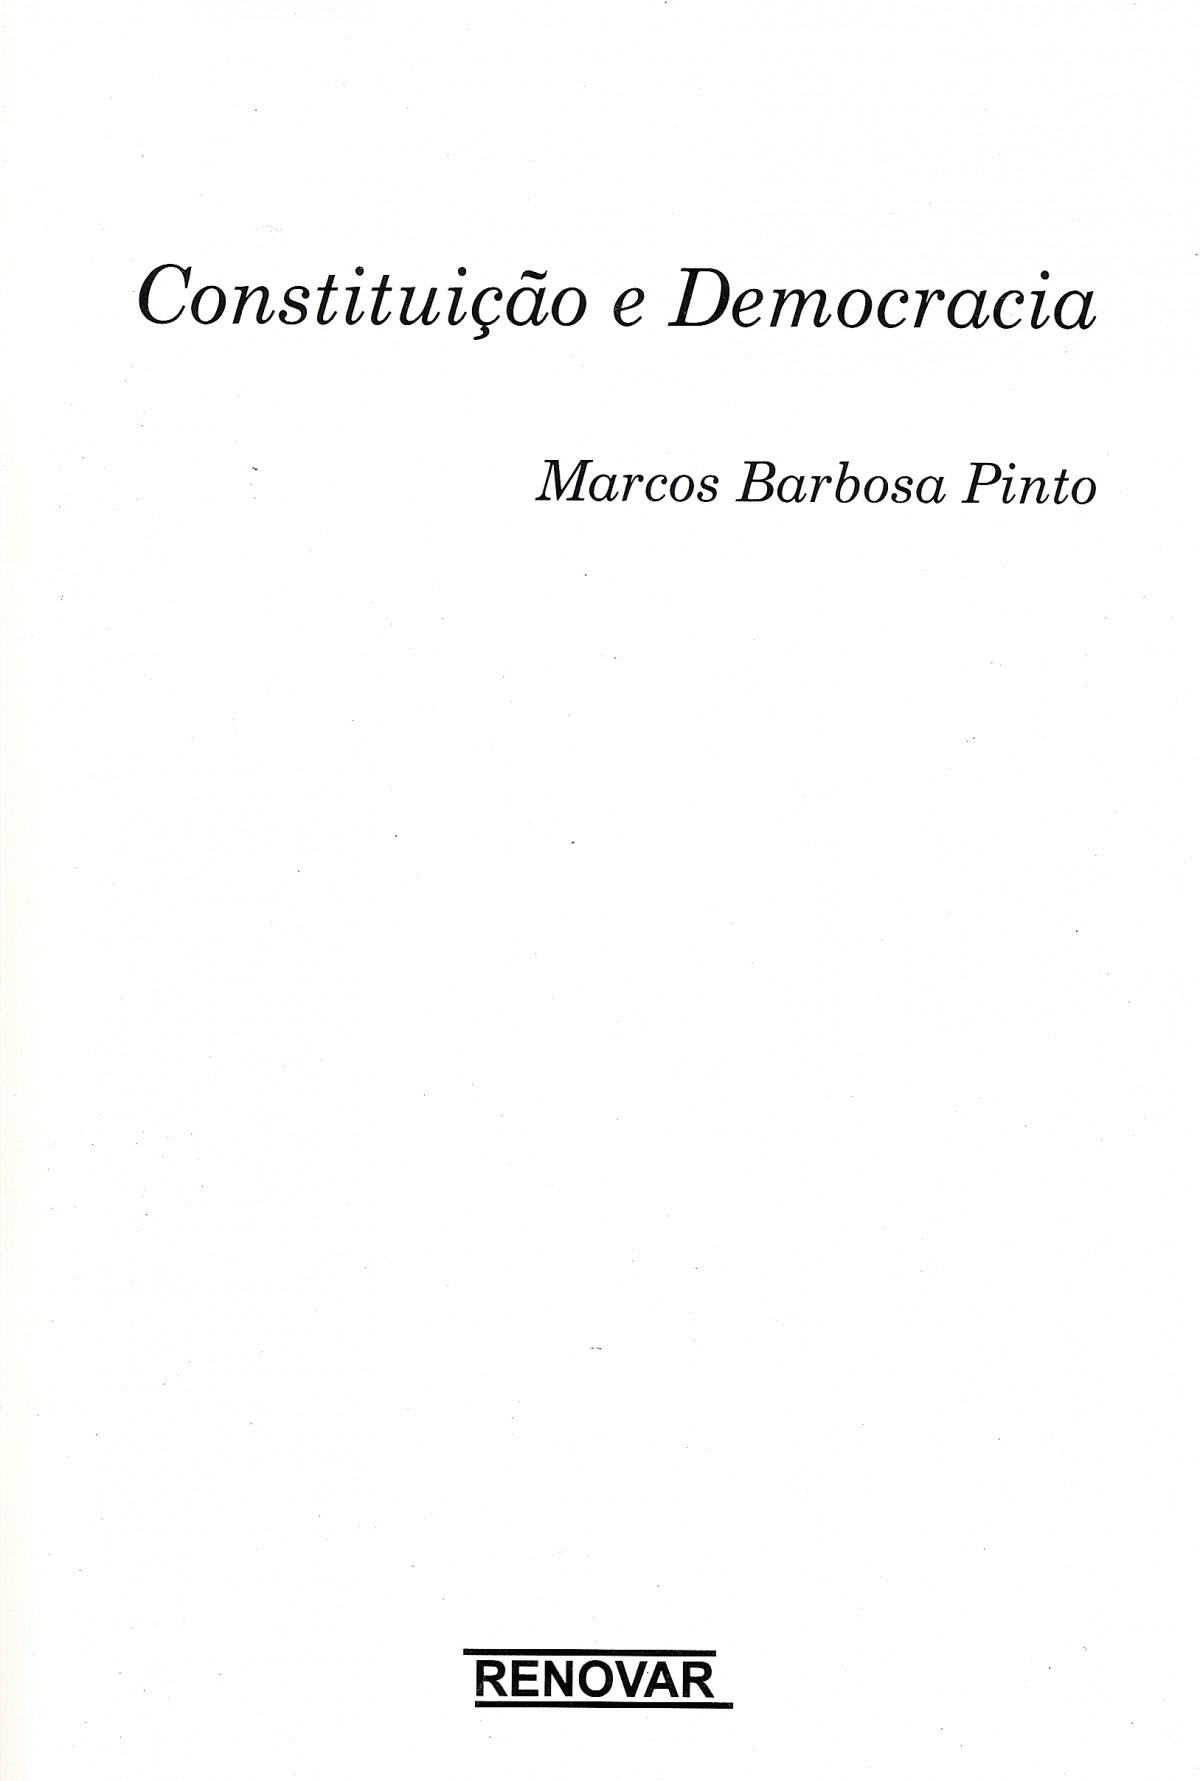 Foto 1 - Constituição e Democracia